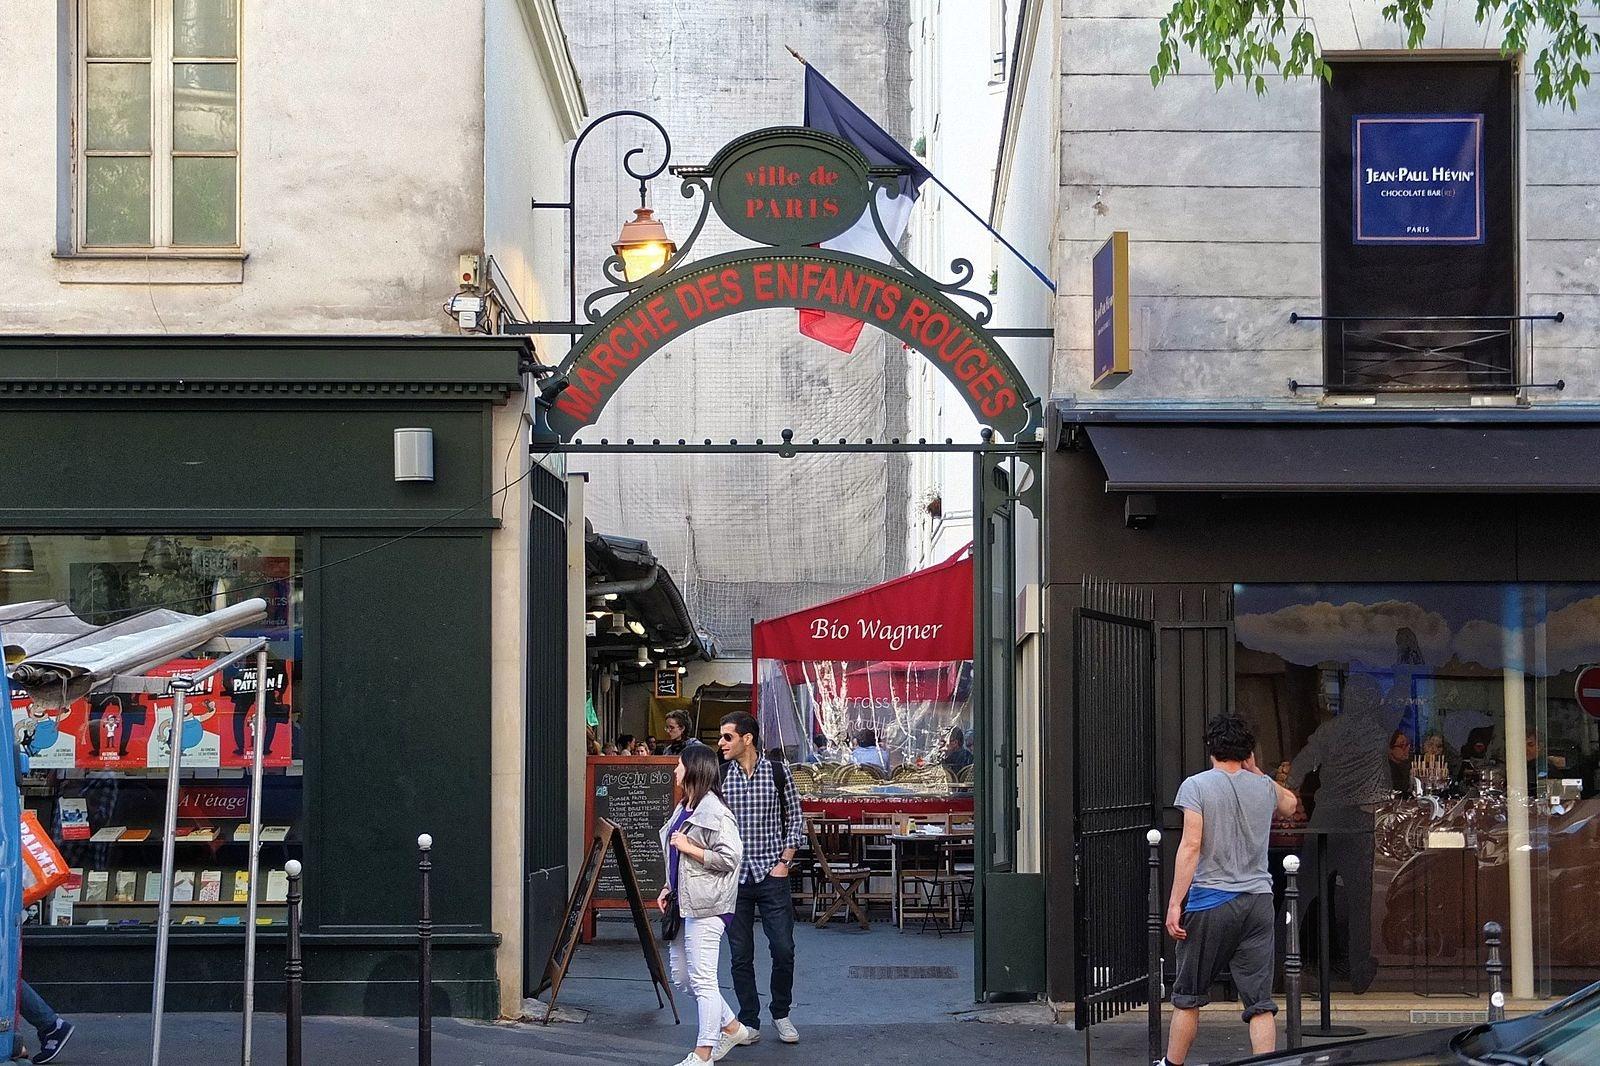 Paris - Marché des Enfants Rouges street entrance